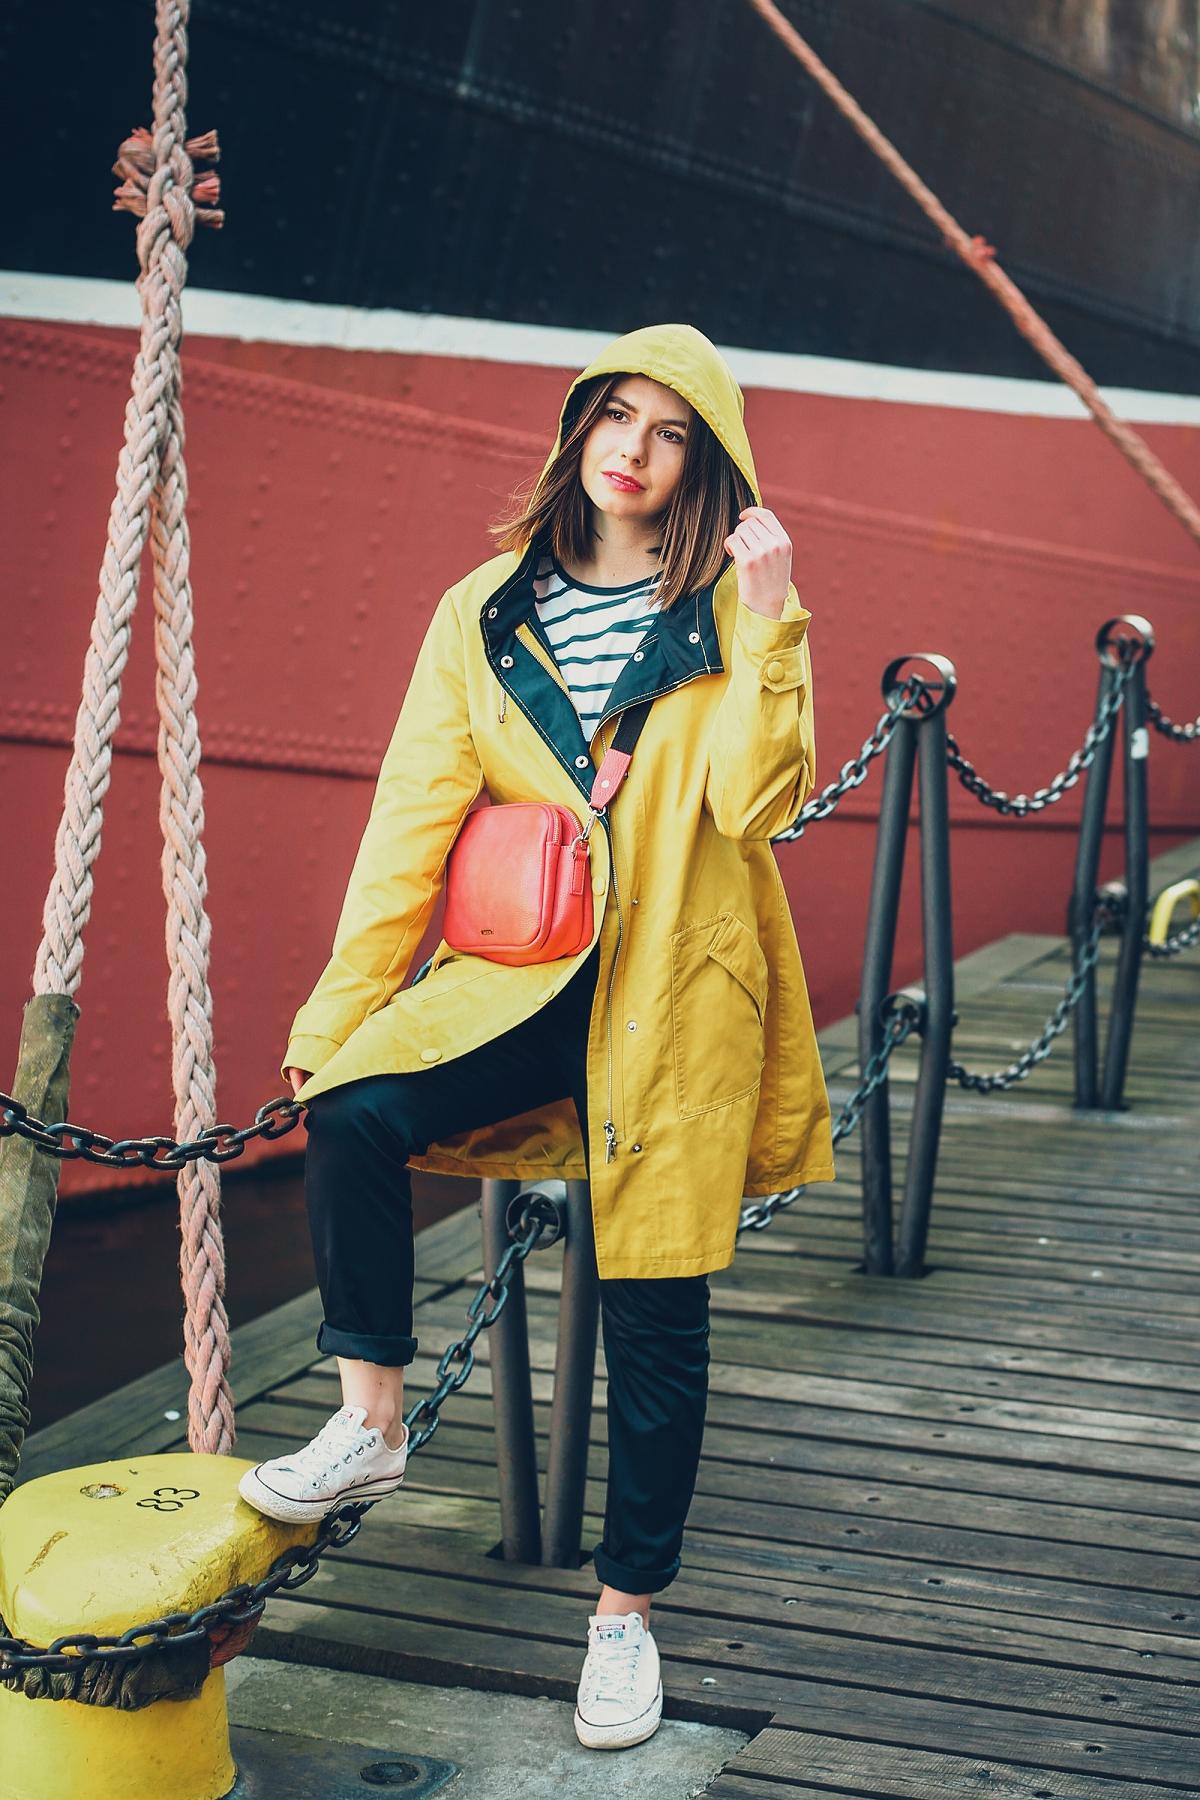 żółty sztormiak przeciwdeszczowa kurtka sesja marynistyczna